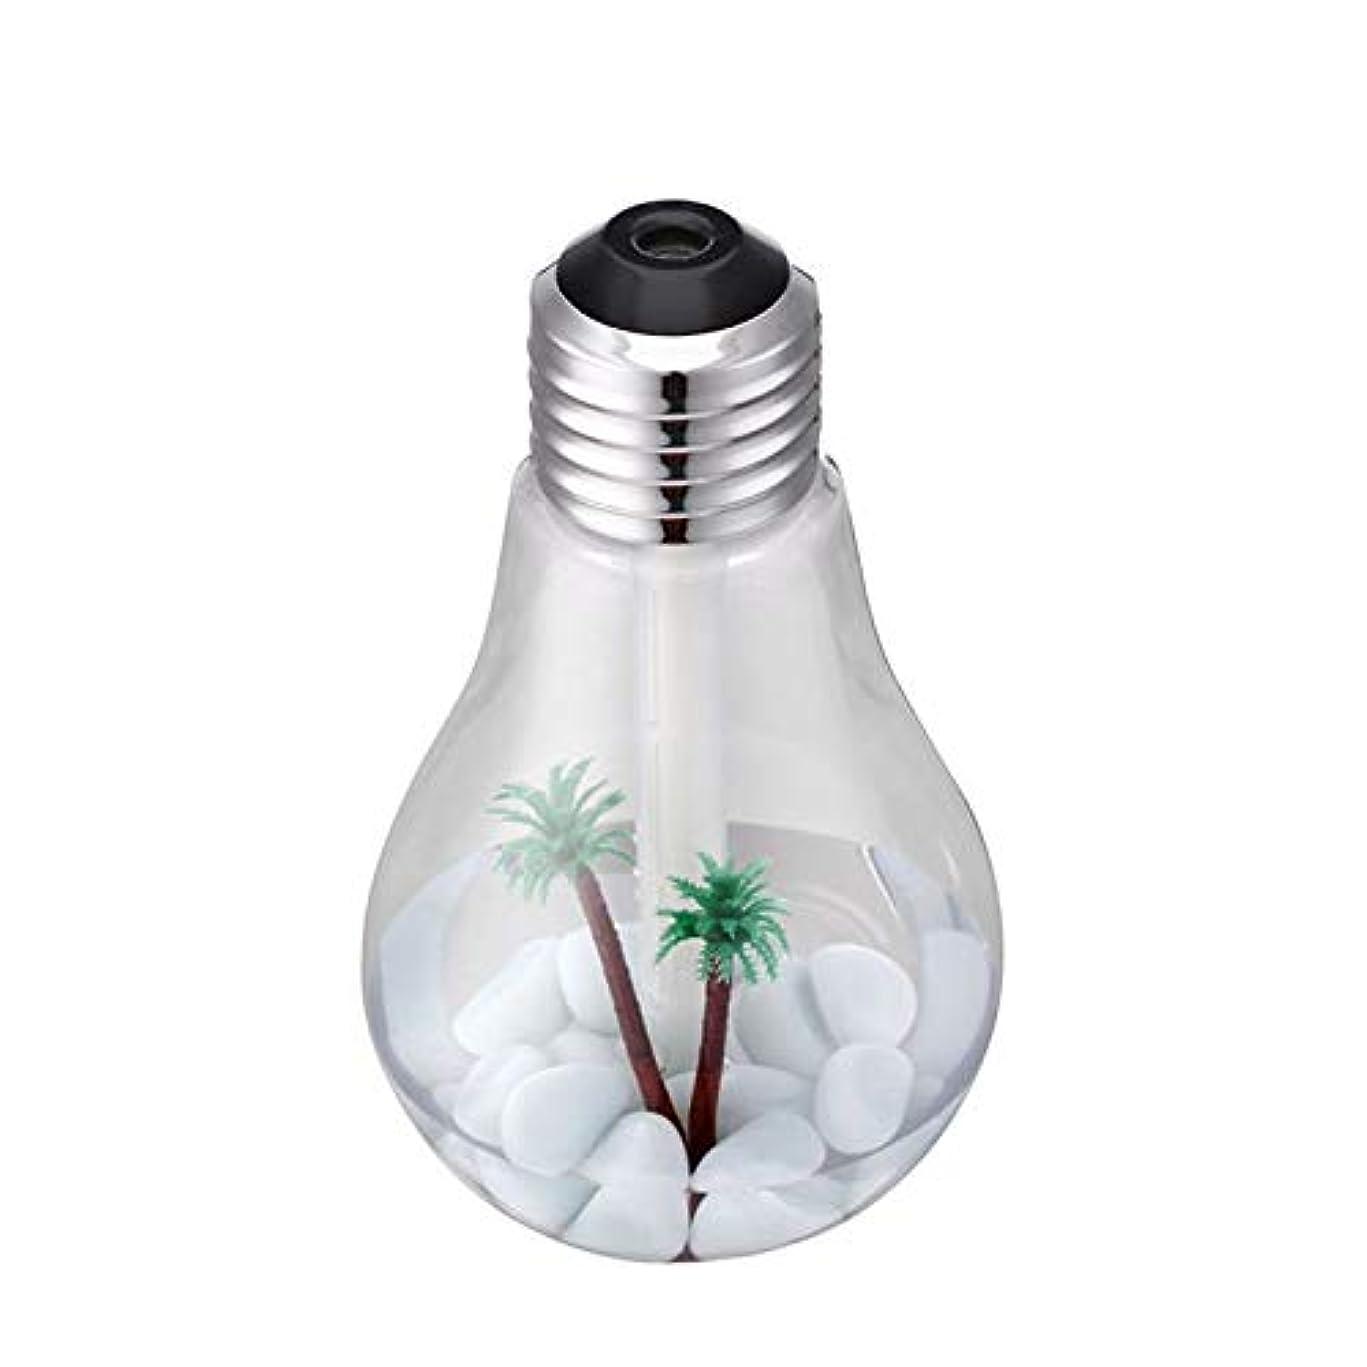 嫌がらせ防ぐ苦新しいUSBクリエイティブ電球加湿器 - シルバー